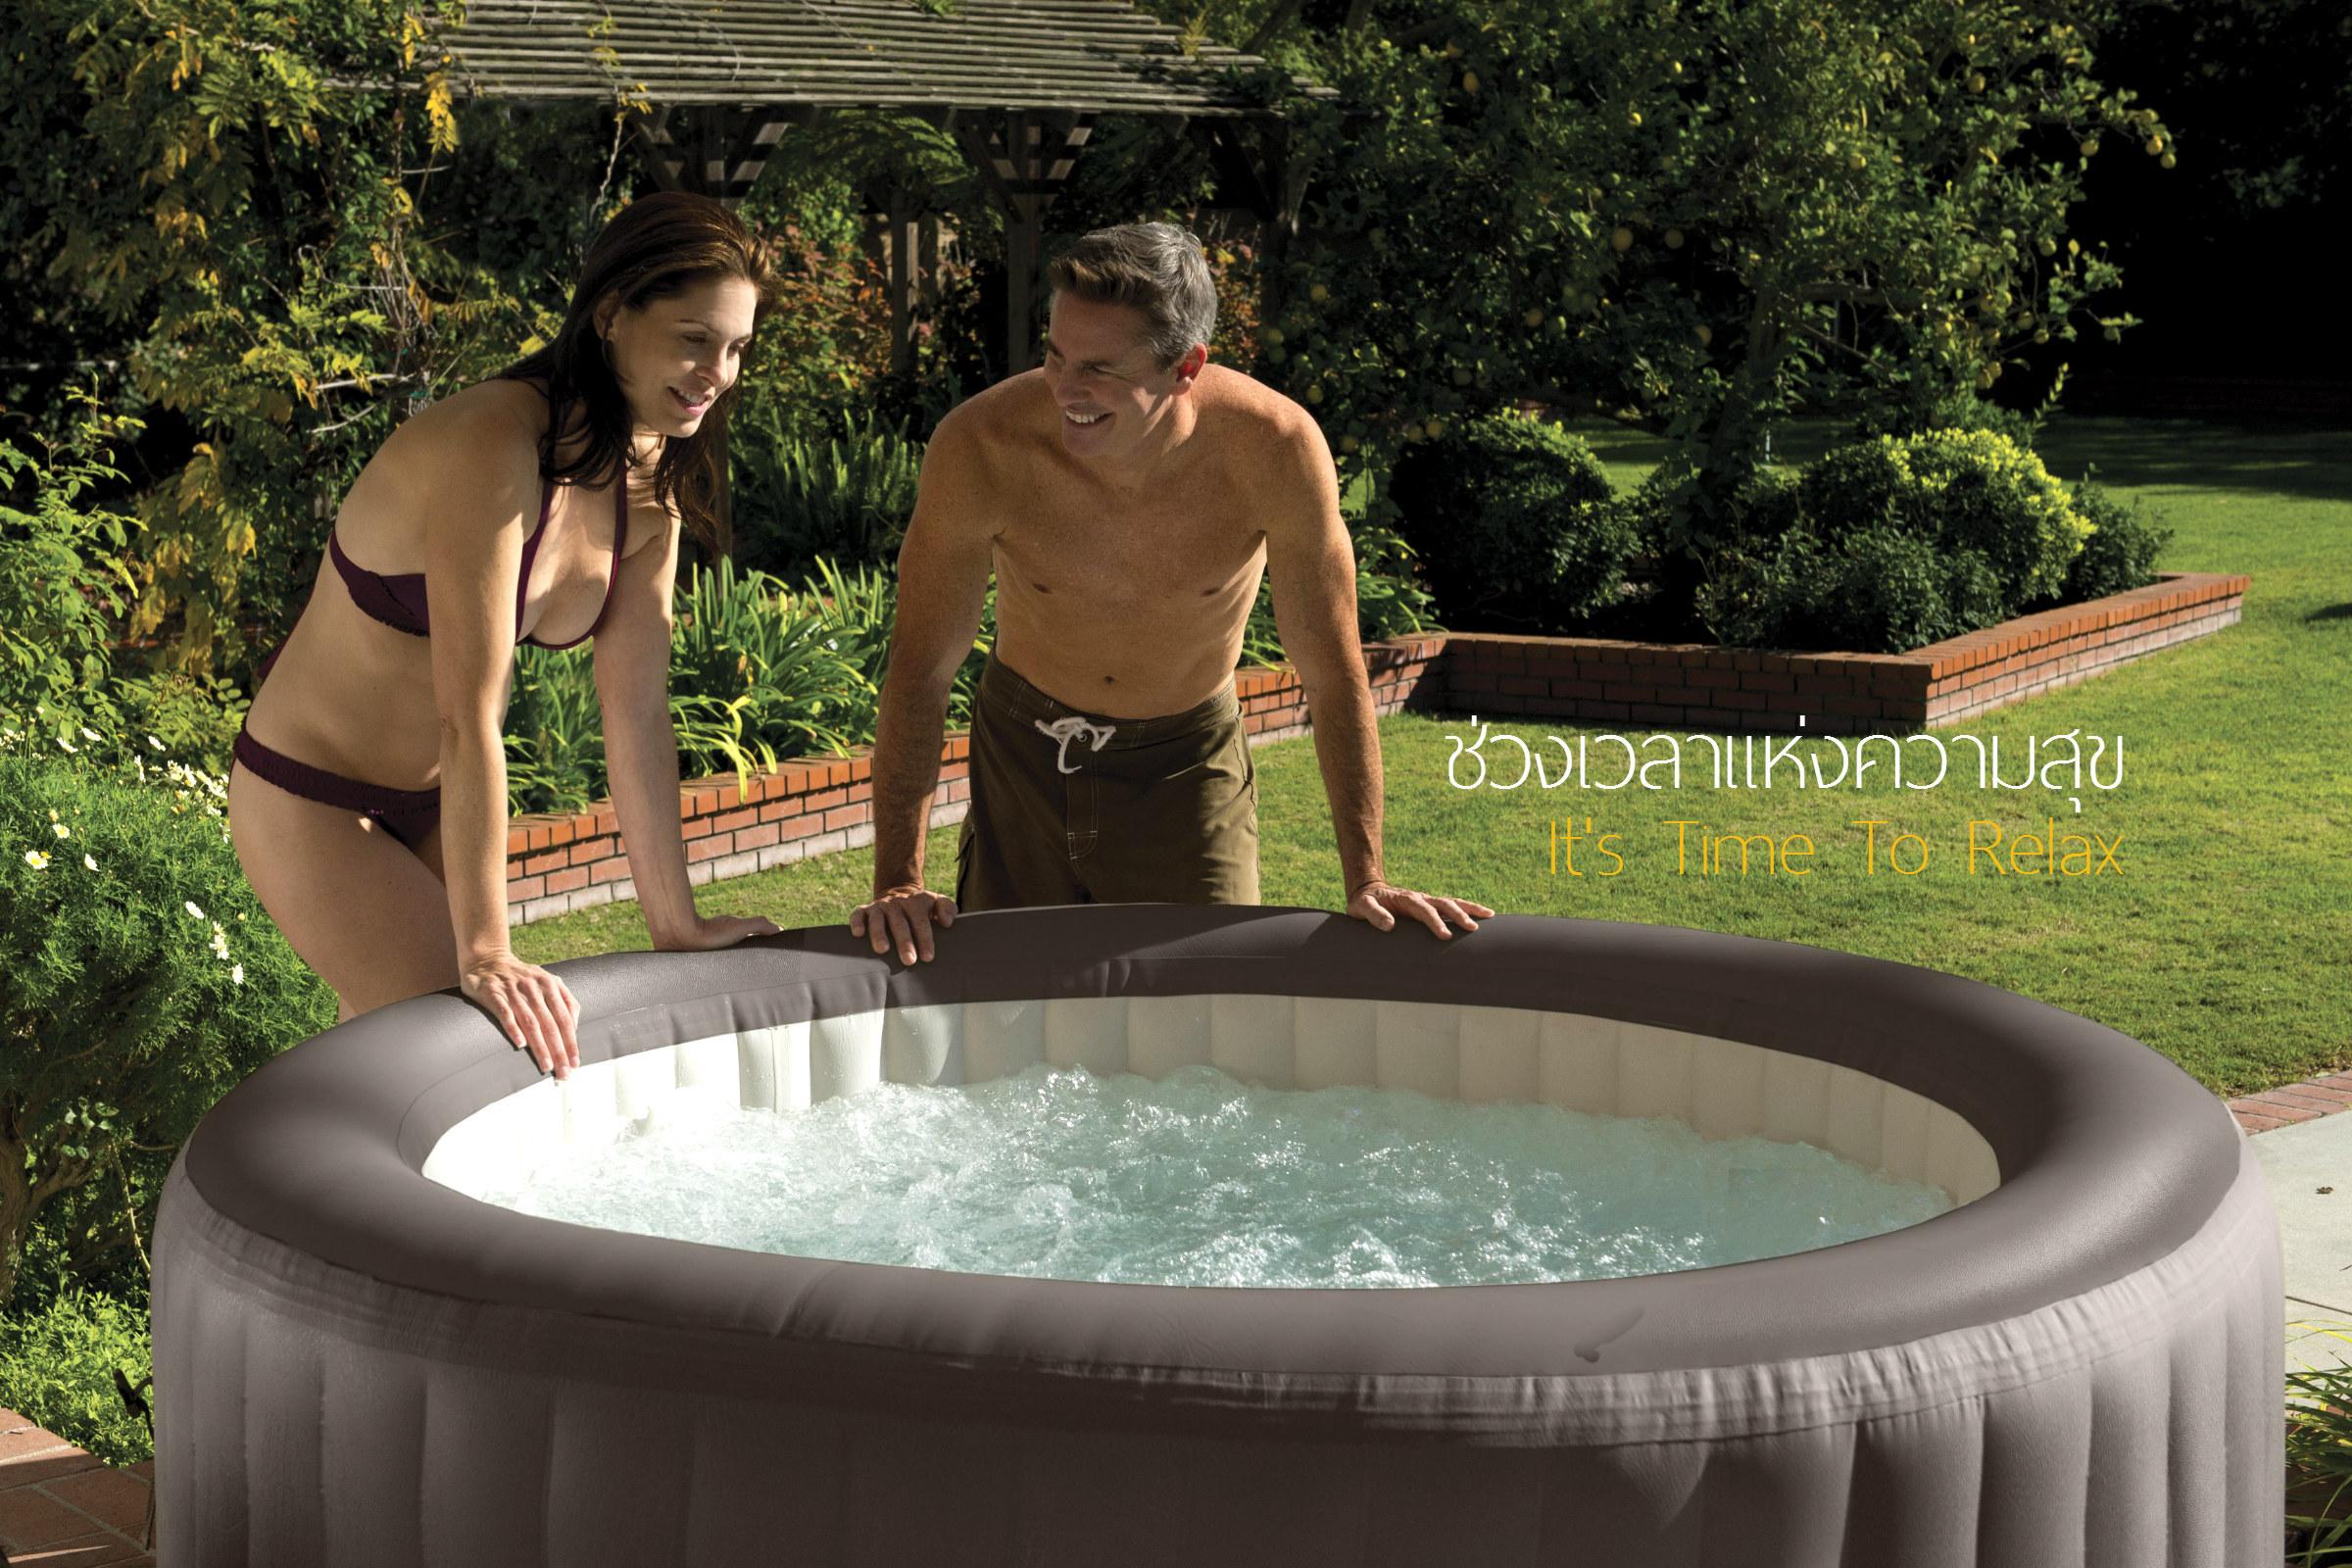 อ่างน้ำวน อ่างน้ำจากุซซี่  INTEX อ่างน้ำสปา จากุซซี่สปารีสอร์ท โรงแรม บ้านพัก จากุซซี่ทำน้ำร้อน แช่น้ำร้อนลดน้ำหนัก แช่น้ำร้อนเพื่อผิวสวย อ่างน้ำวจากุซซี่ใช้ภายใน อ่างน้ำจากุซซี่ภายนอกบ้าน